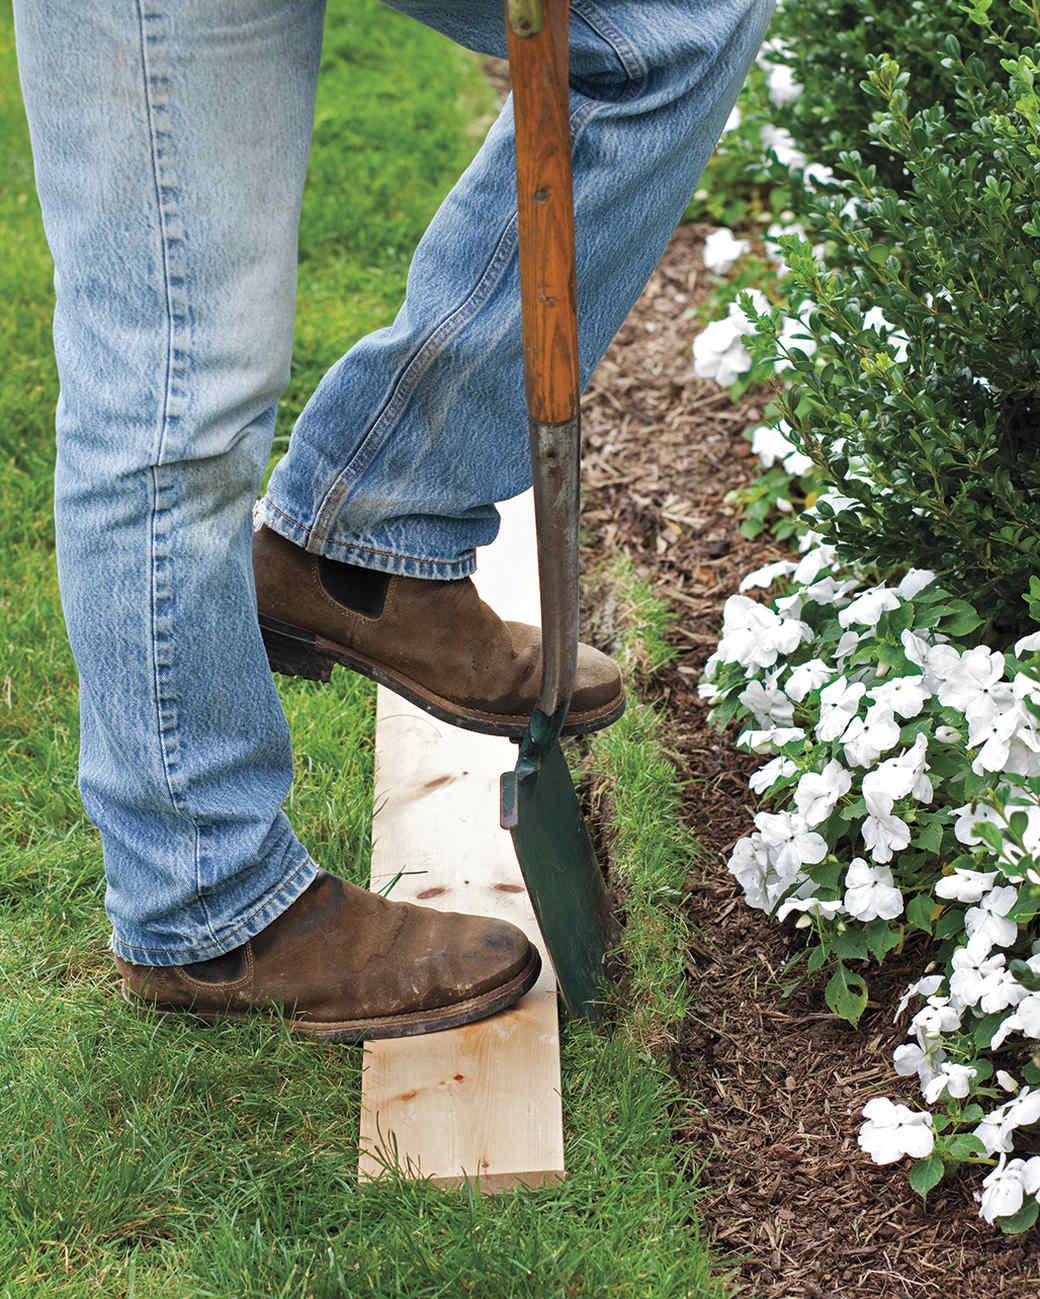 Get Your Gardening Gloves On!